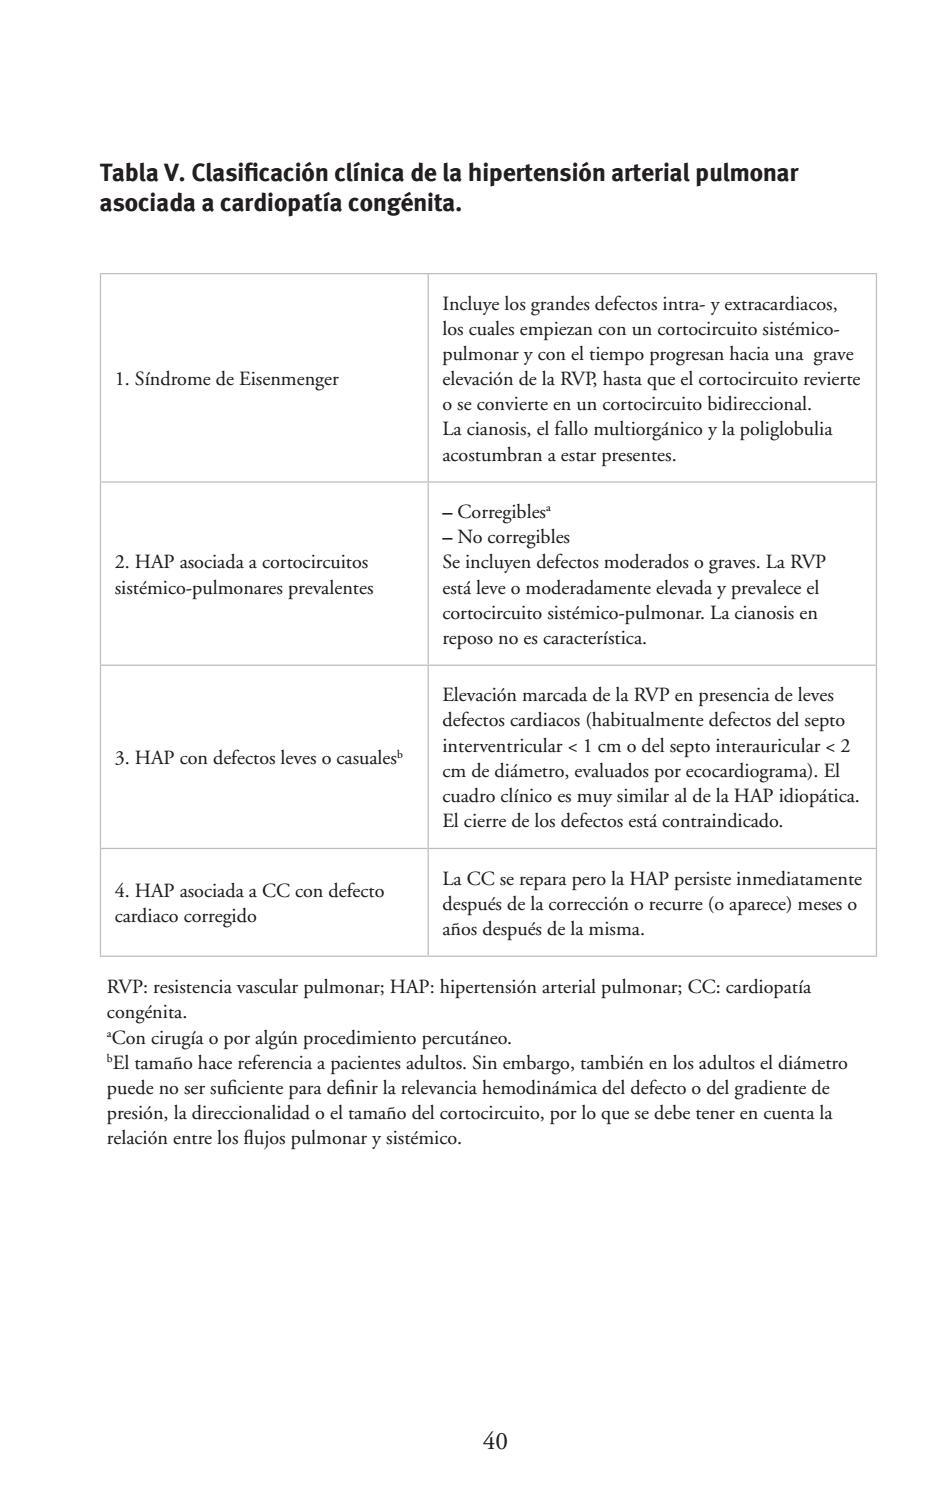 Hipertensión arterial pulmonar en adultos con cardiopatía congénita